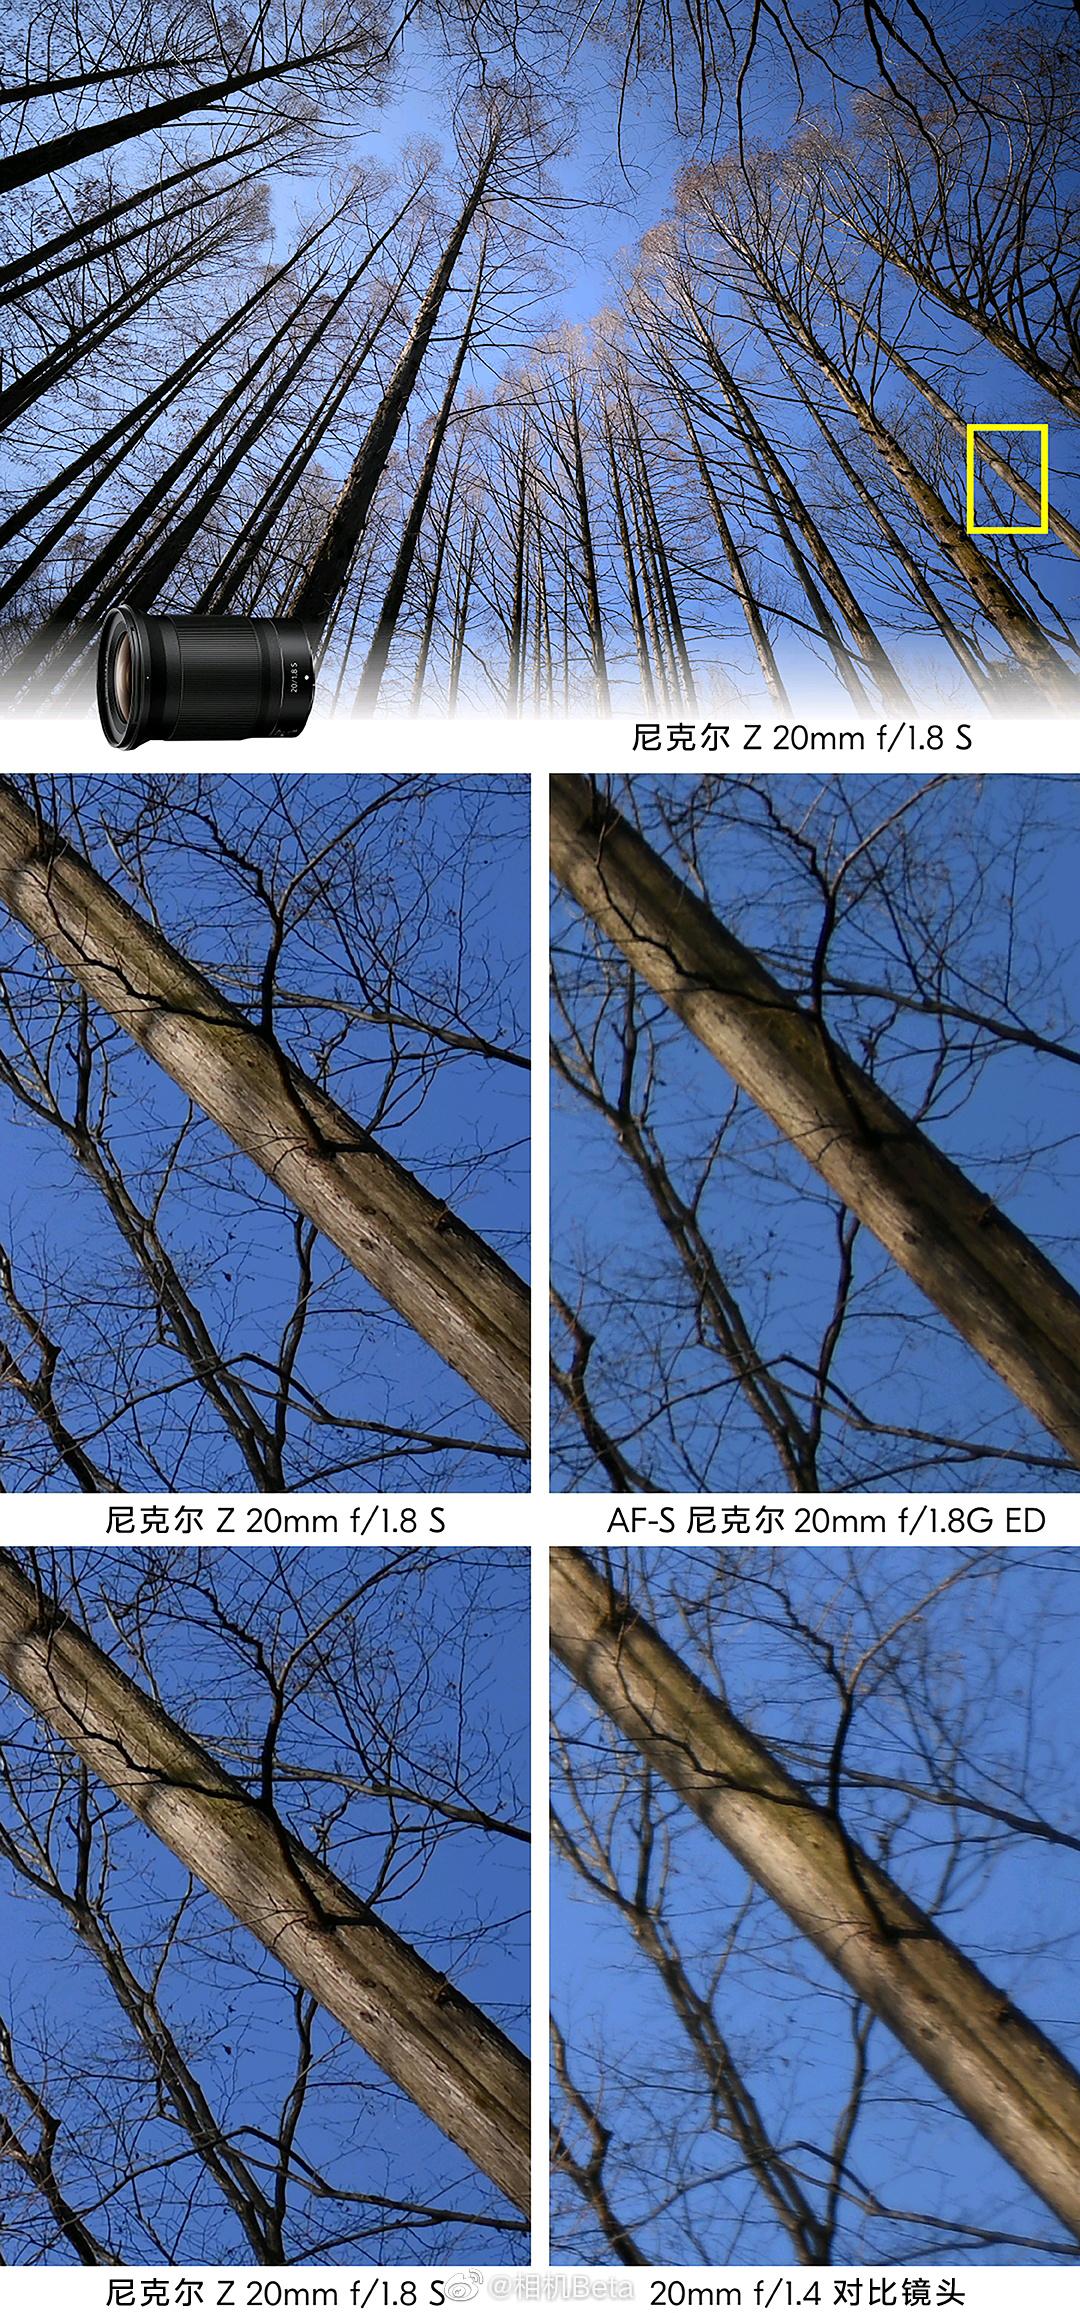 画质提升很大!尼康公开Z卡口F1.8镜头对比照片